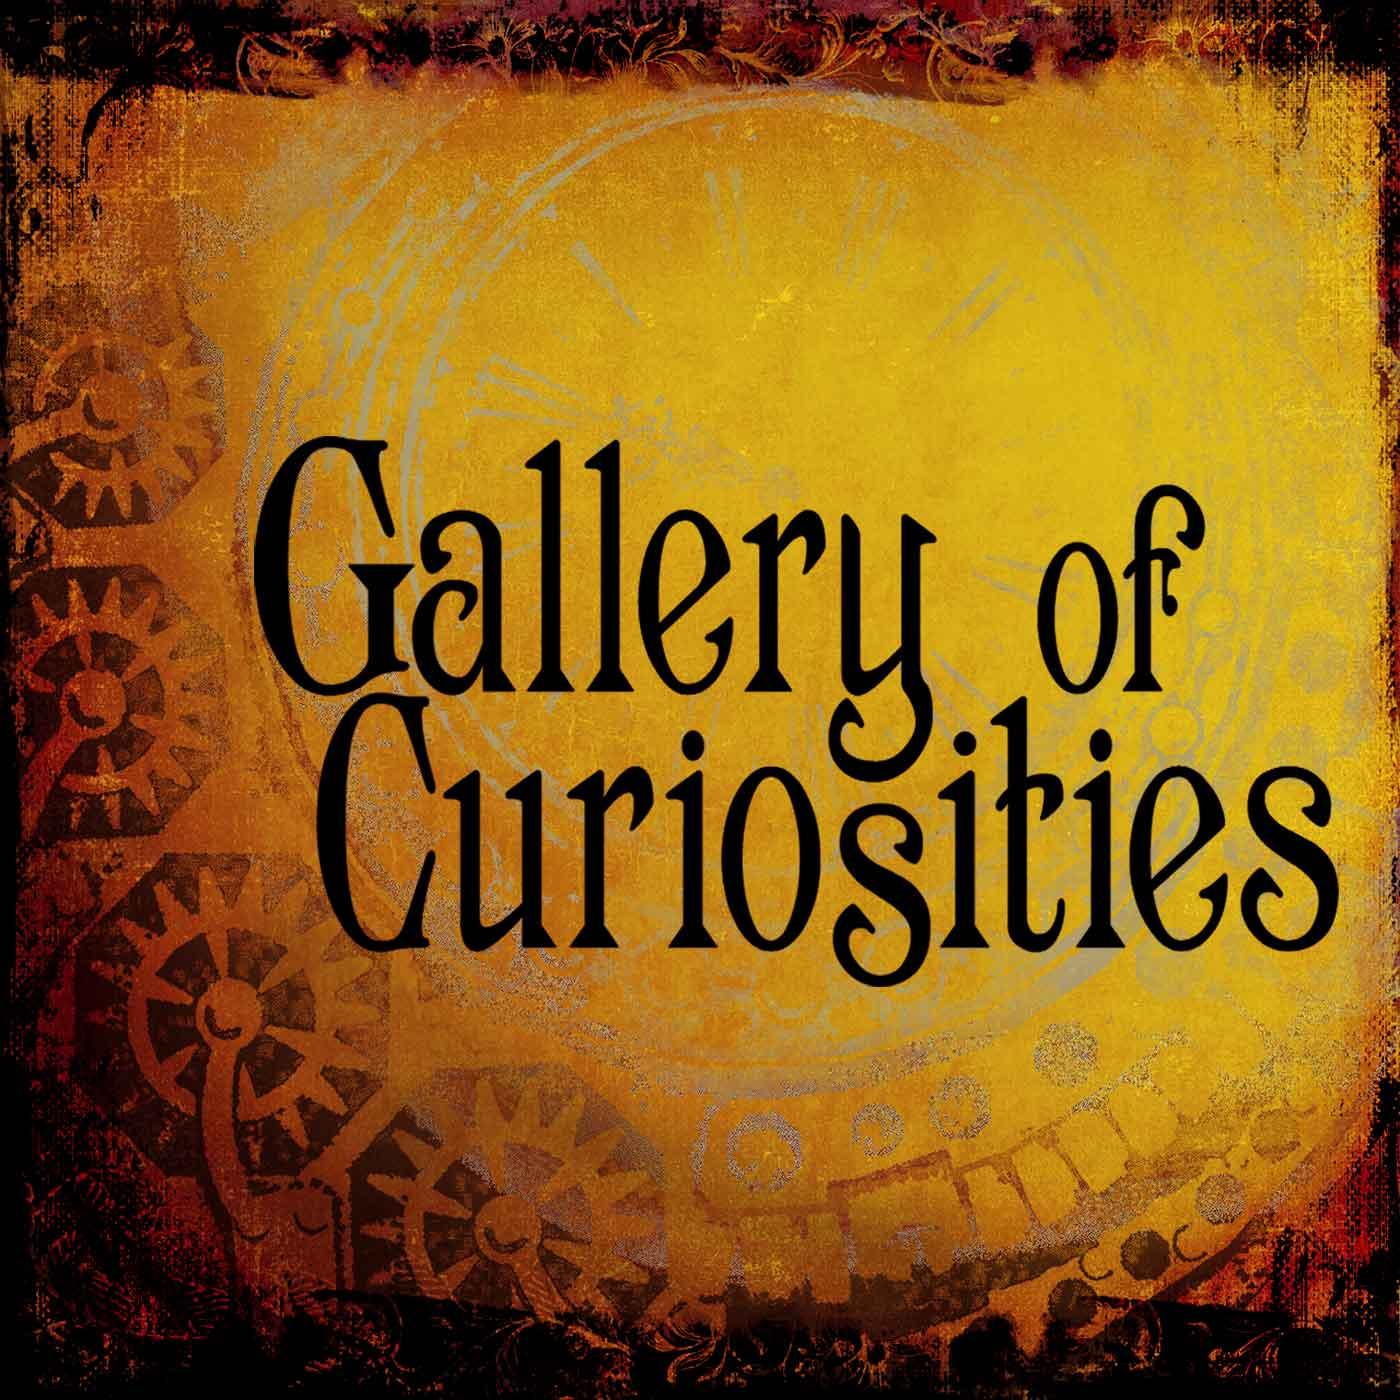 Gallery of Curiosities